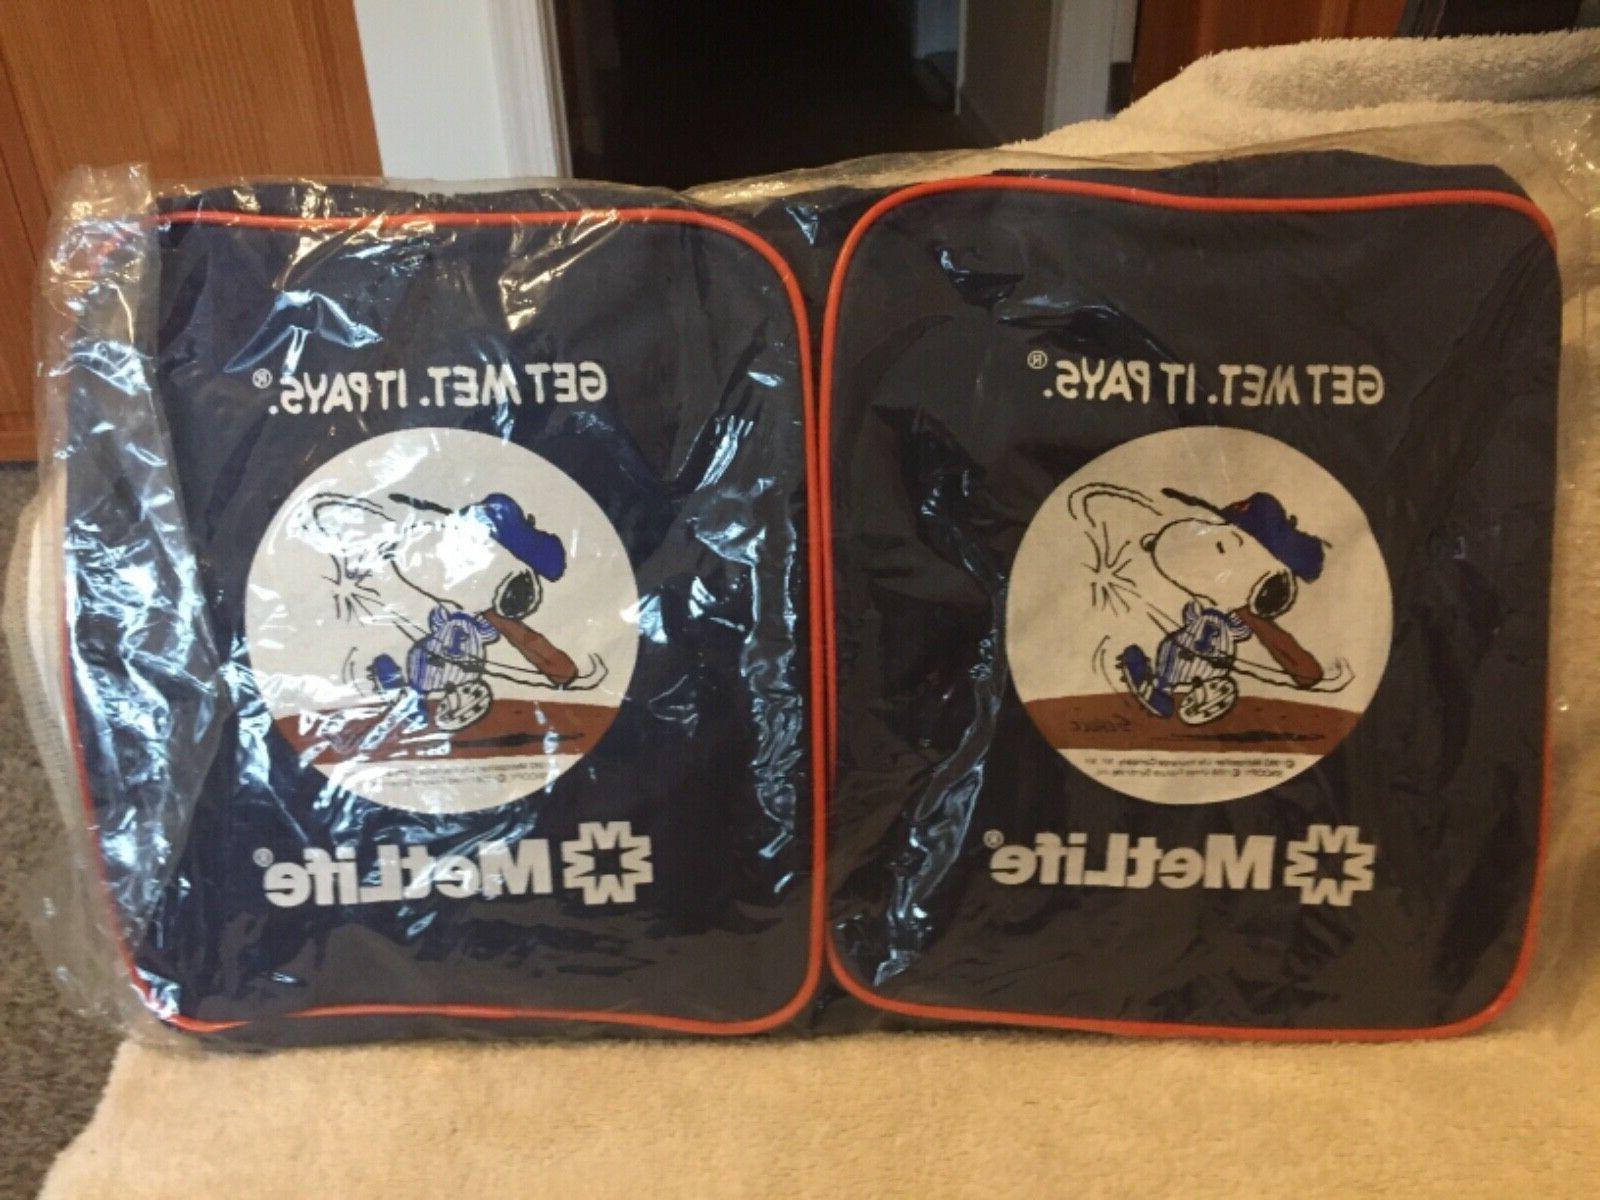 New Mets *MetLife Promotional Gym / Bag A Swing 1993